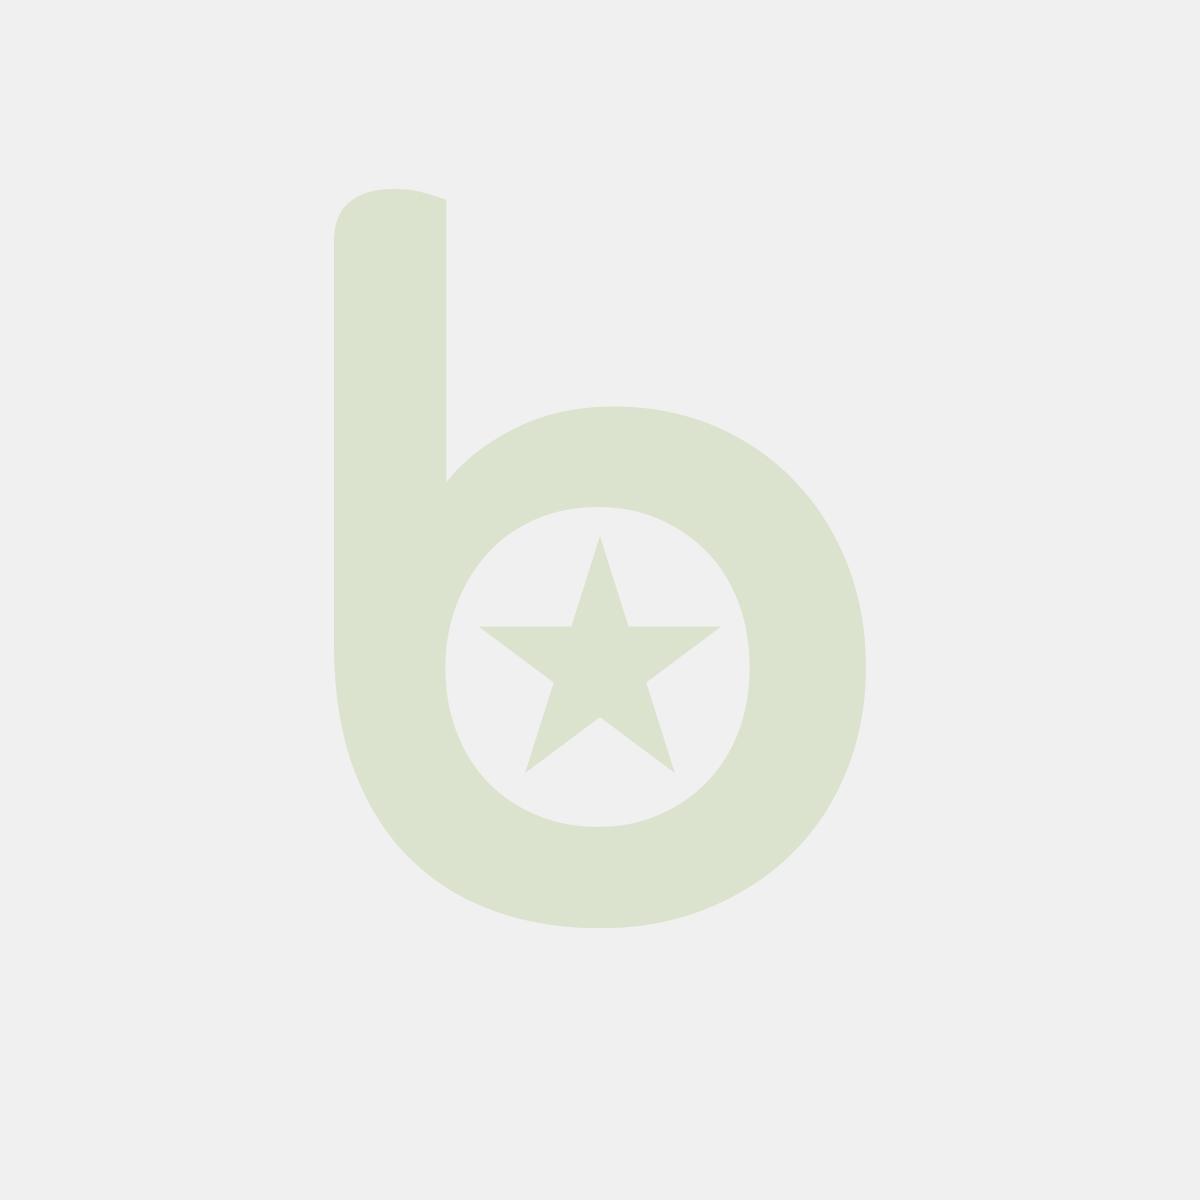 Torba cateringowa klockowa 320/220/245 z uchem płaskim (szerokie dno)